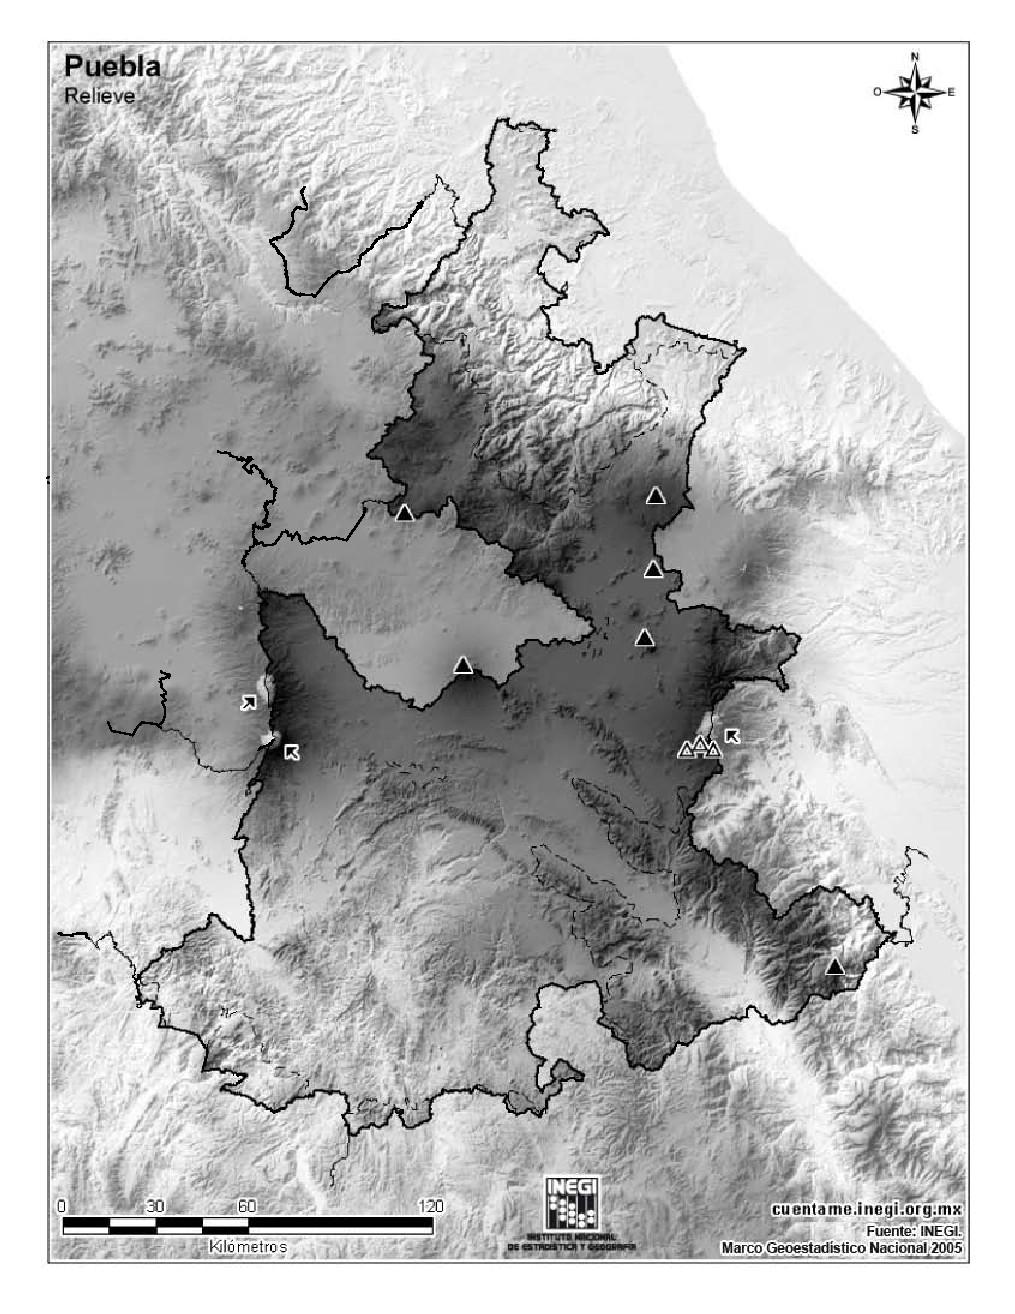 Mapa mudo de montañas de Puebla. INEGI de México